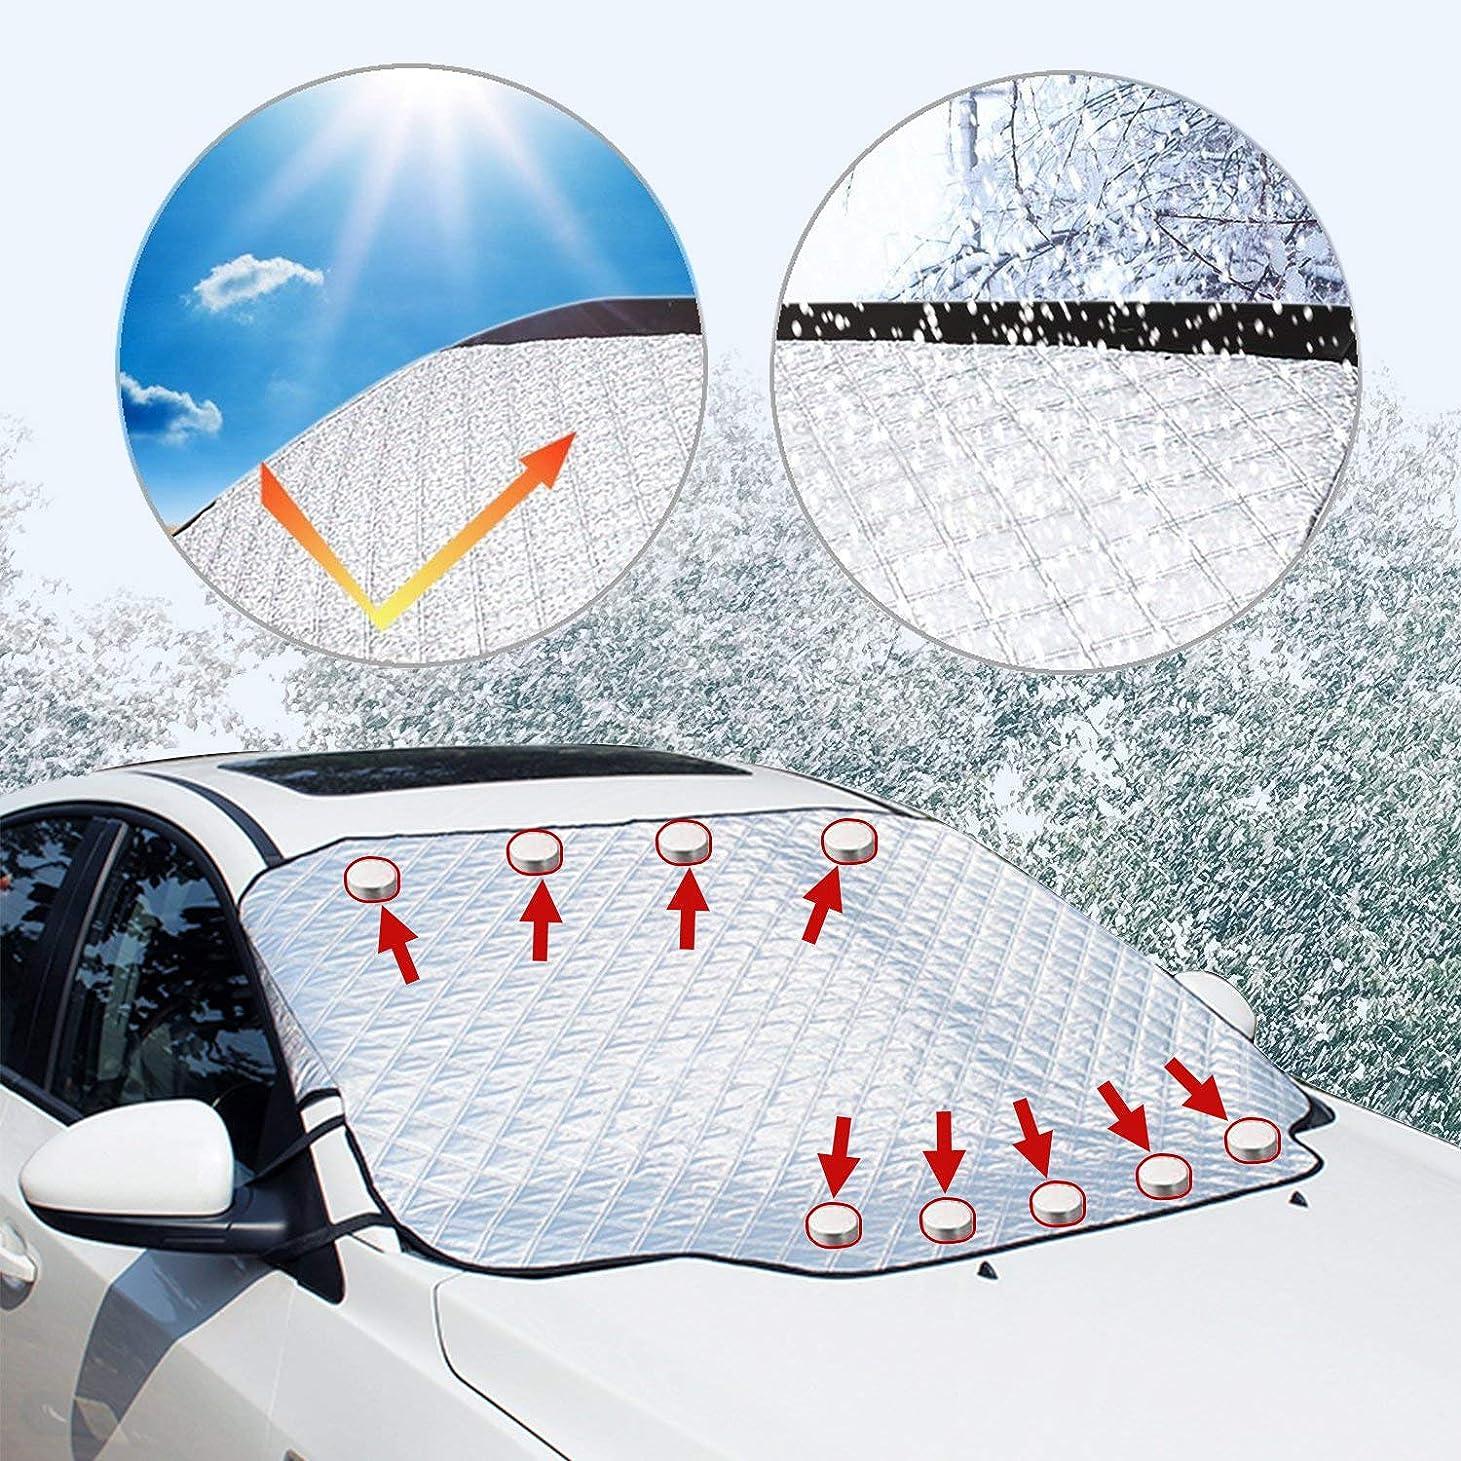 自殺高く世代WINOMO 車のフロントガラスカバー アンチウォーターミスト霧コーティング 防雨サイドミラーカバー付き 雪対策 凍結防止 日除け 黄砂/粉じん/落葉対策 霜/汚れから守る 3ピース 205×150センチ(1フロントカバー+ 2バックカバーブラック) サイドミラーカバー付き 防雨バックミラーカバー付き